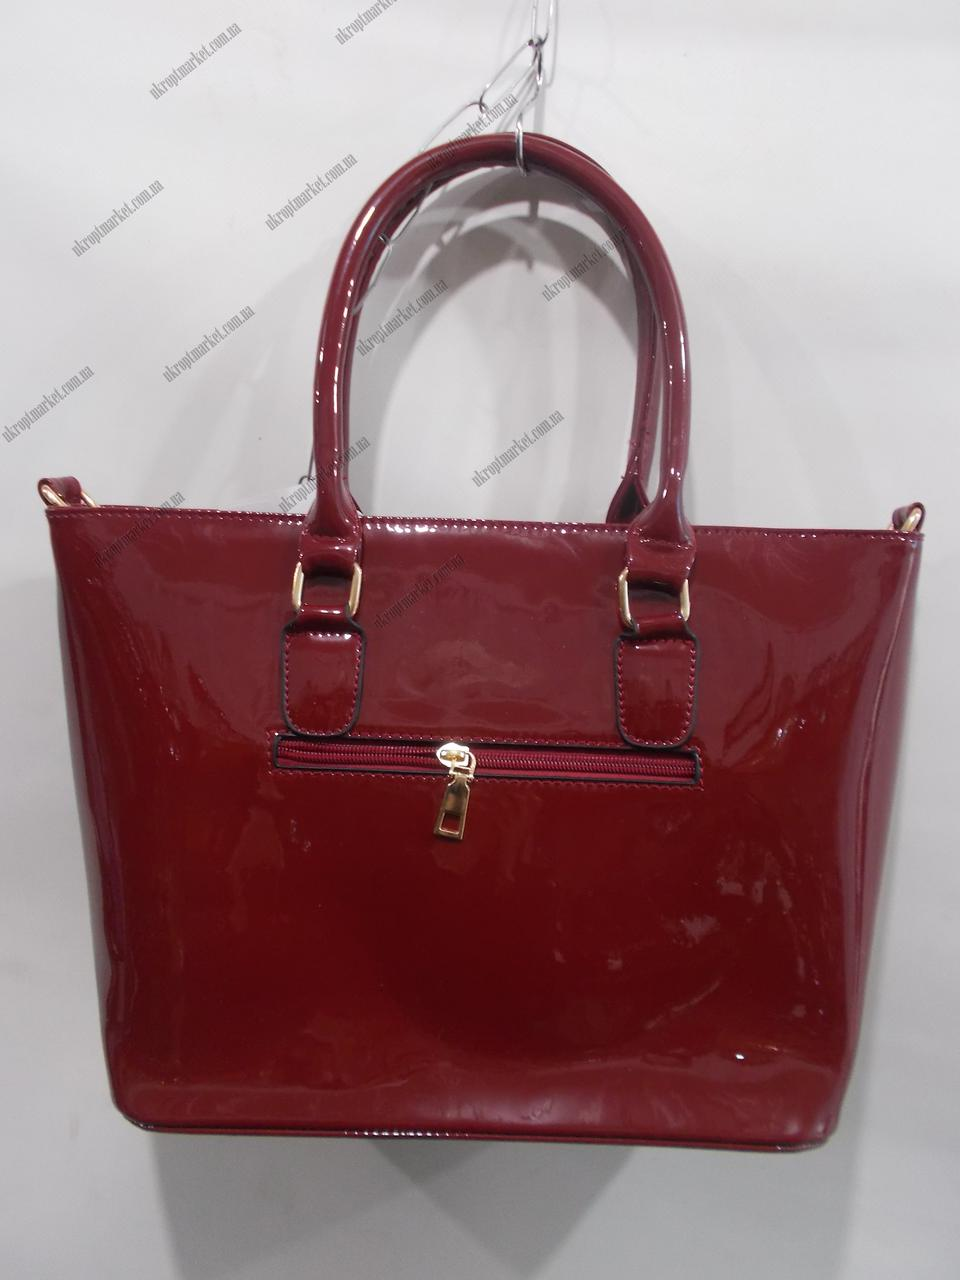 c587e9789449 Женская сумка лакированная (31x25см)